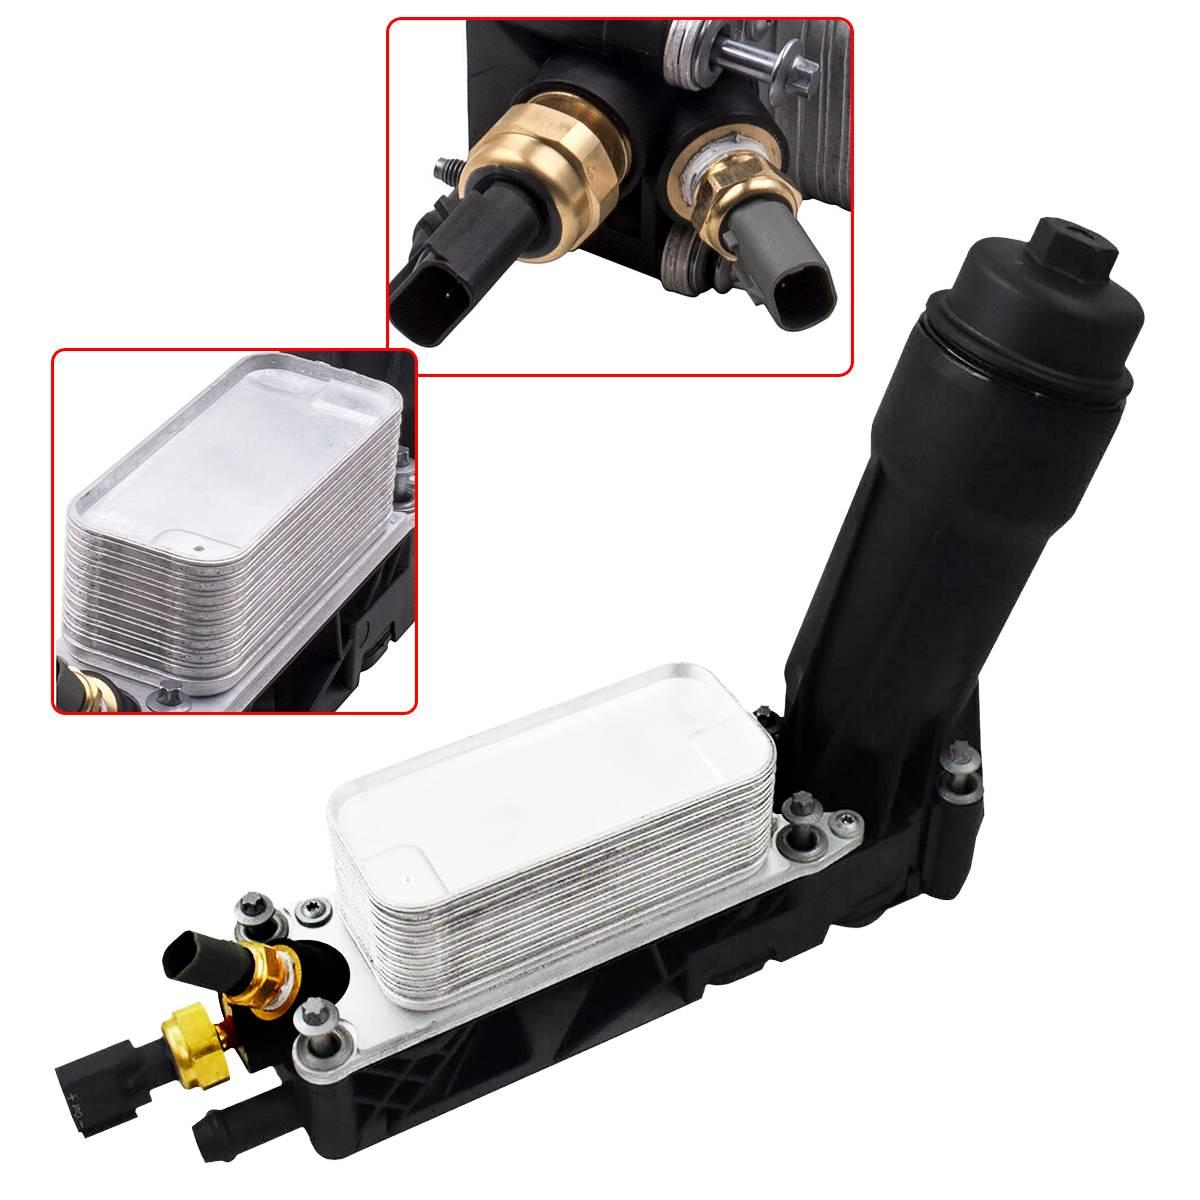 Logement de filtre de refroidisseur d'huile de voiture avec 2 capteurs pour Jee p Dodg e Chrysler Ram 3.6L V6 5184294AE 5184294AD 5184294AC refroidisseur d'huile de moteur